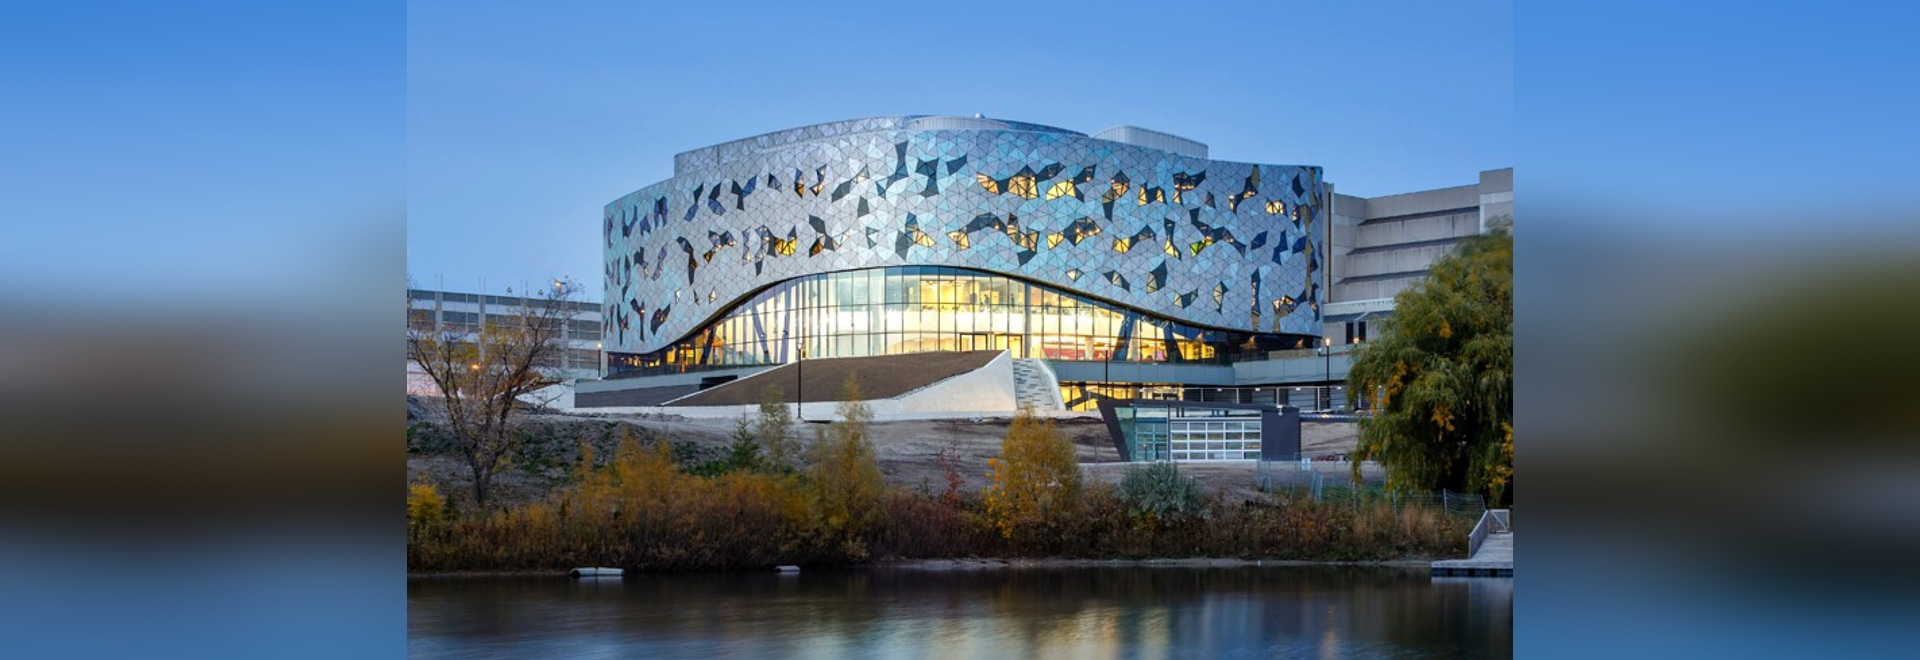 Clads de ZAS que dirigen el campus en la universidad de York con el façade algoritmo-basado tessellated